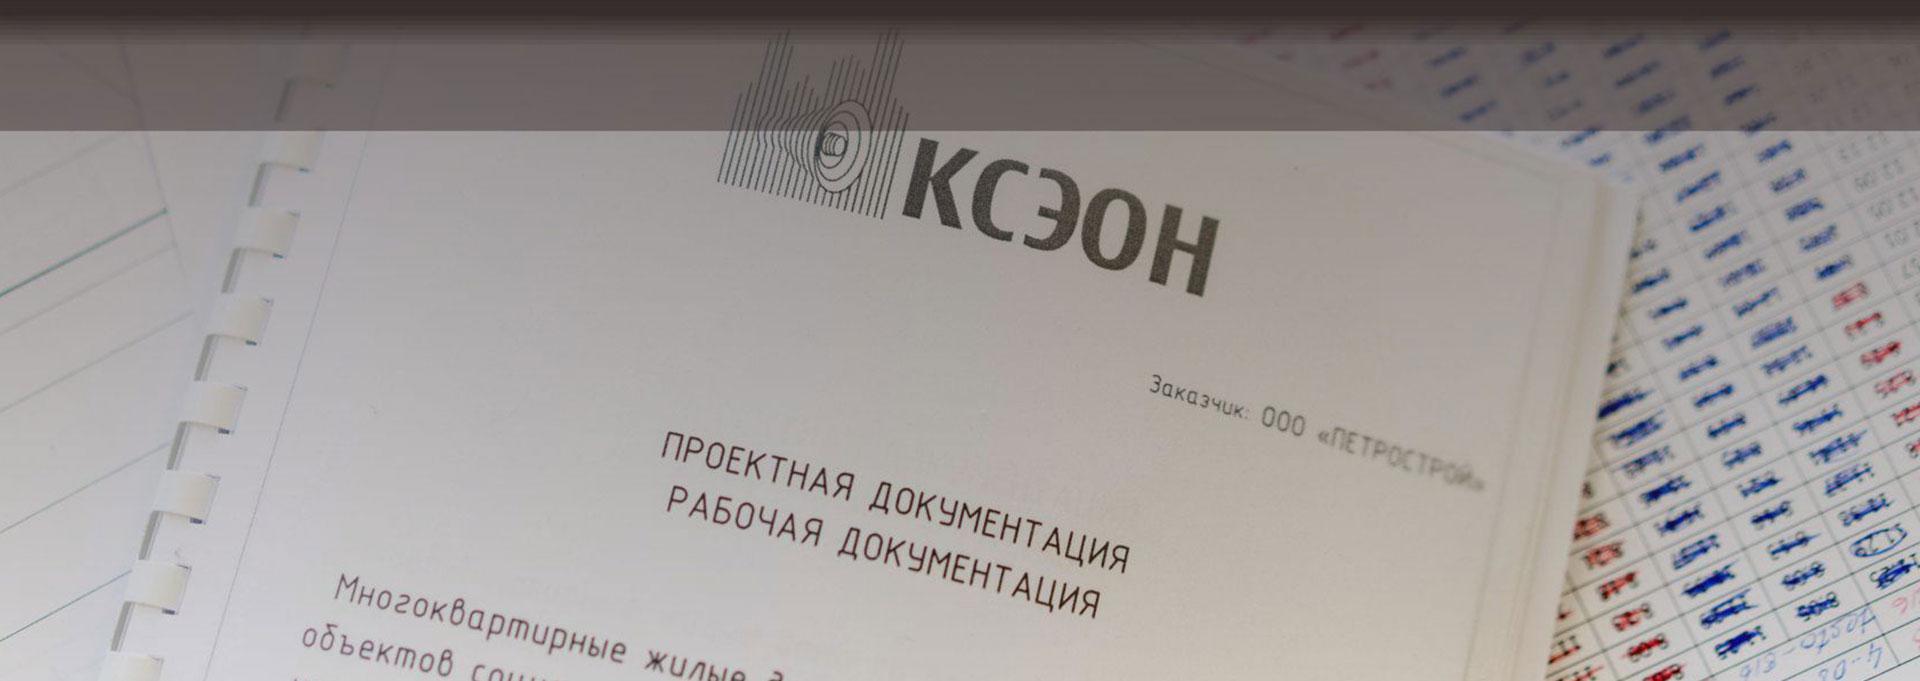 Лицензии для работы КСЭОН с системами оповещения